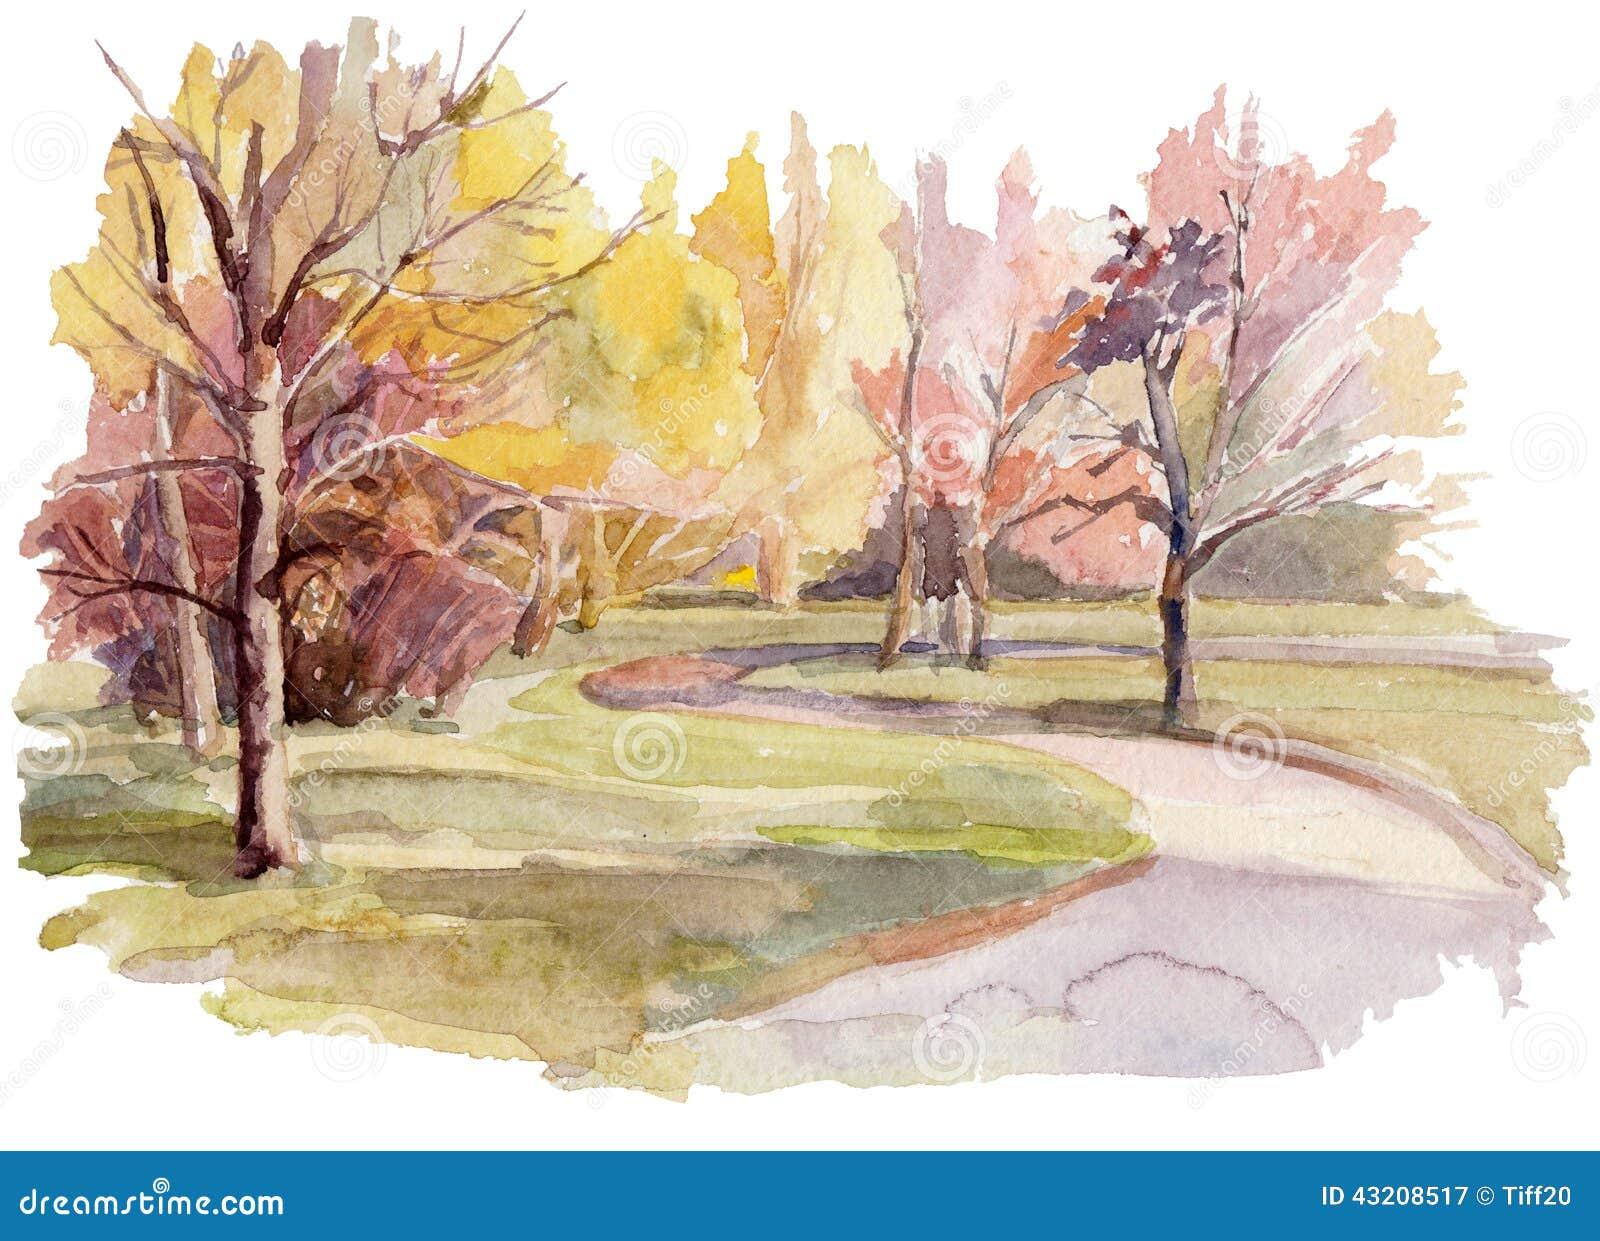 Download Vattenfärg stock illustrationer. Illustration av brigham - 43208517